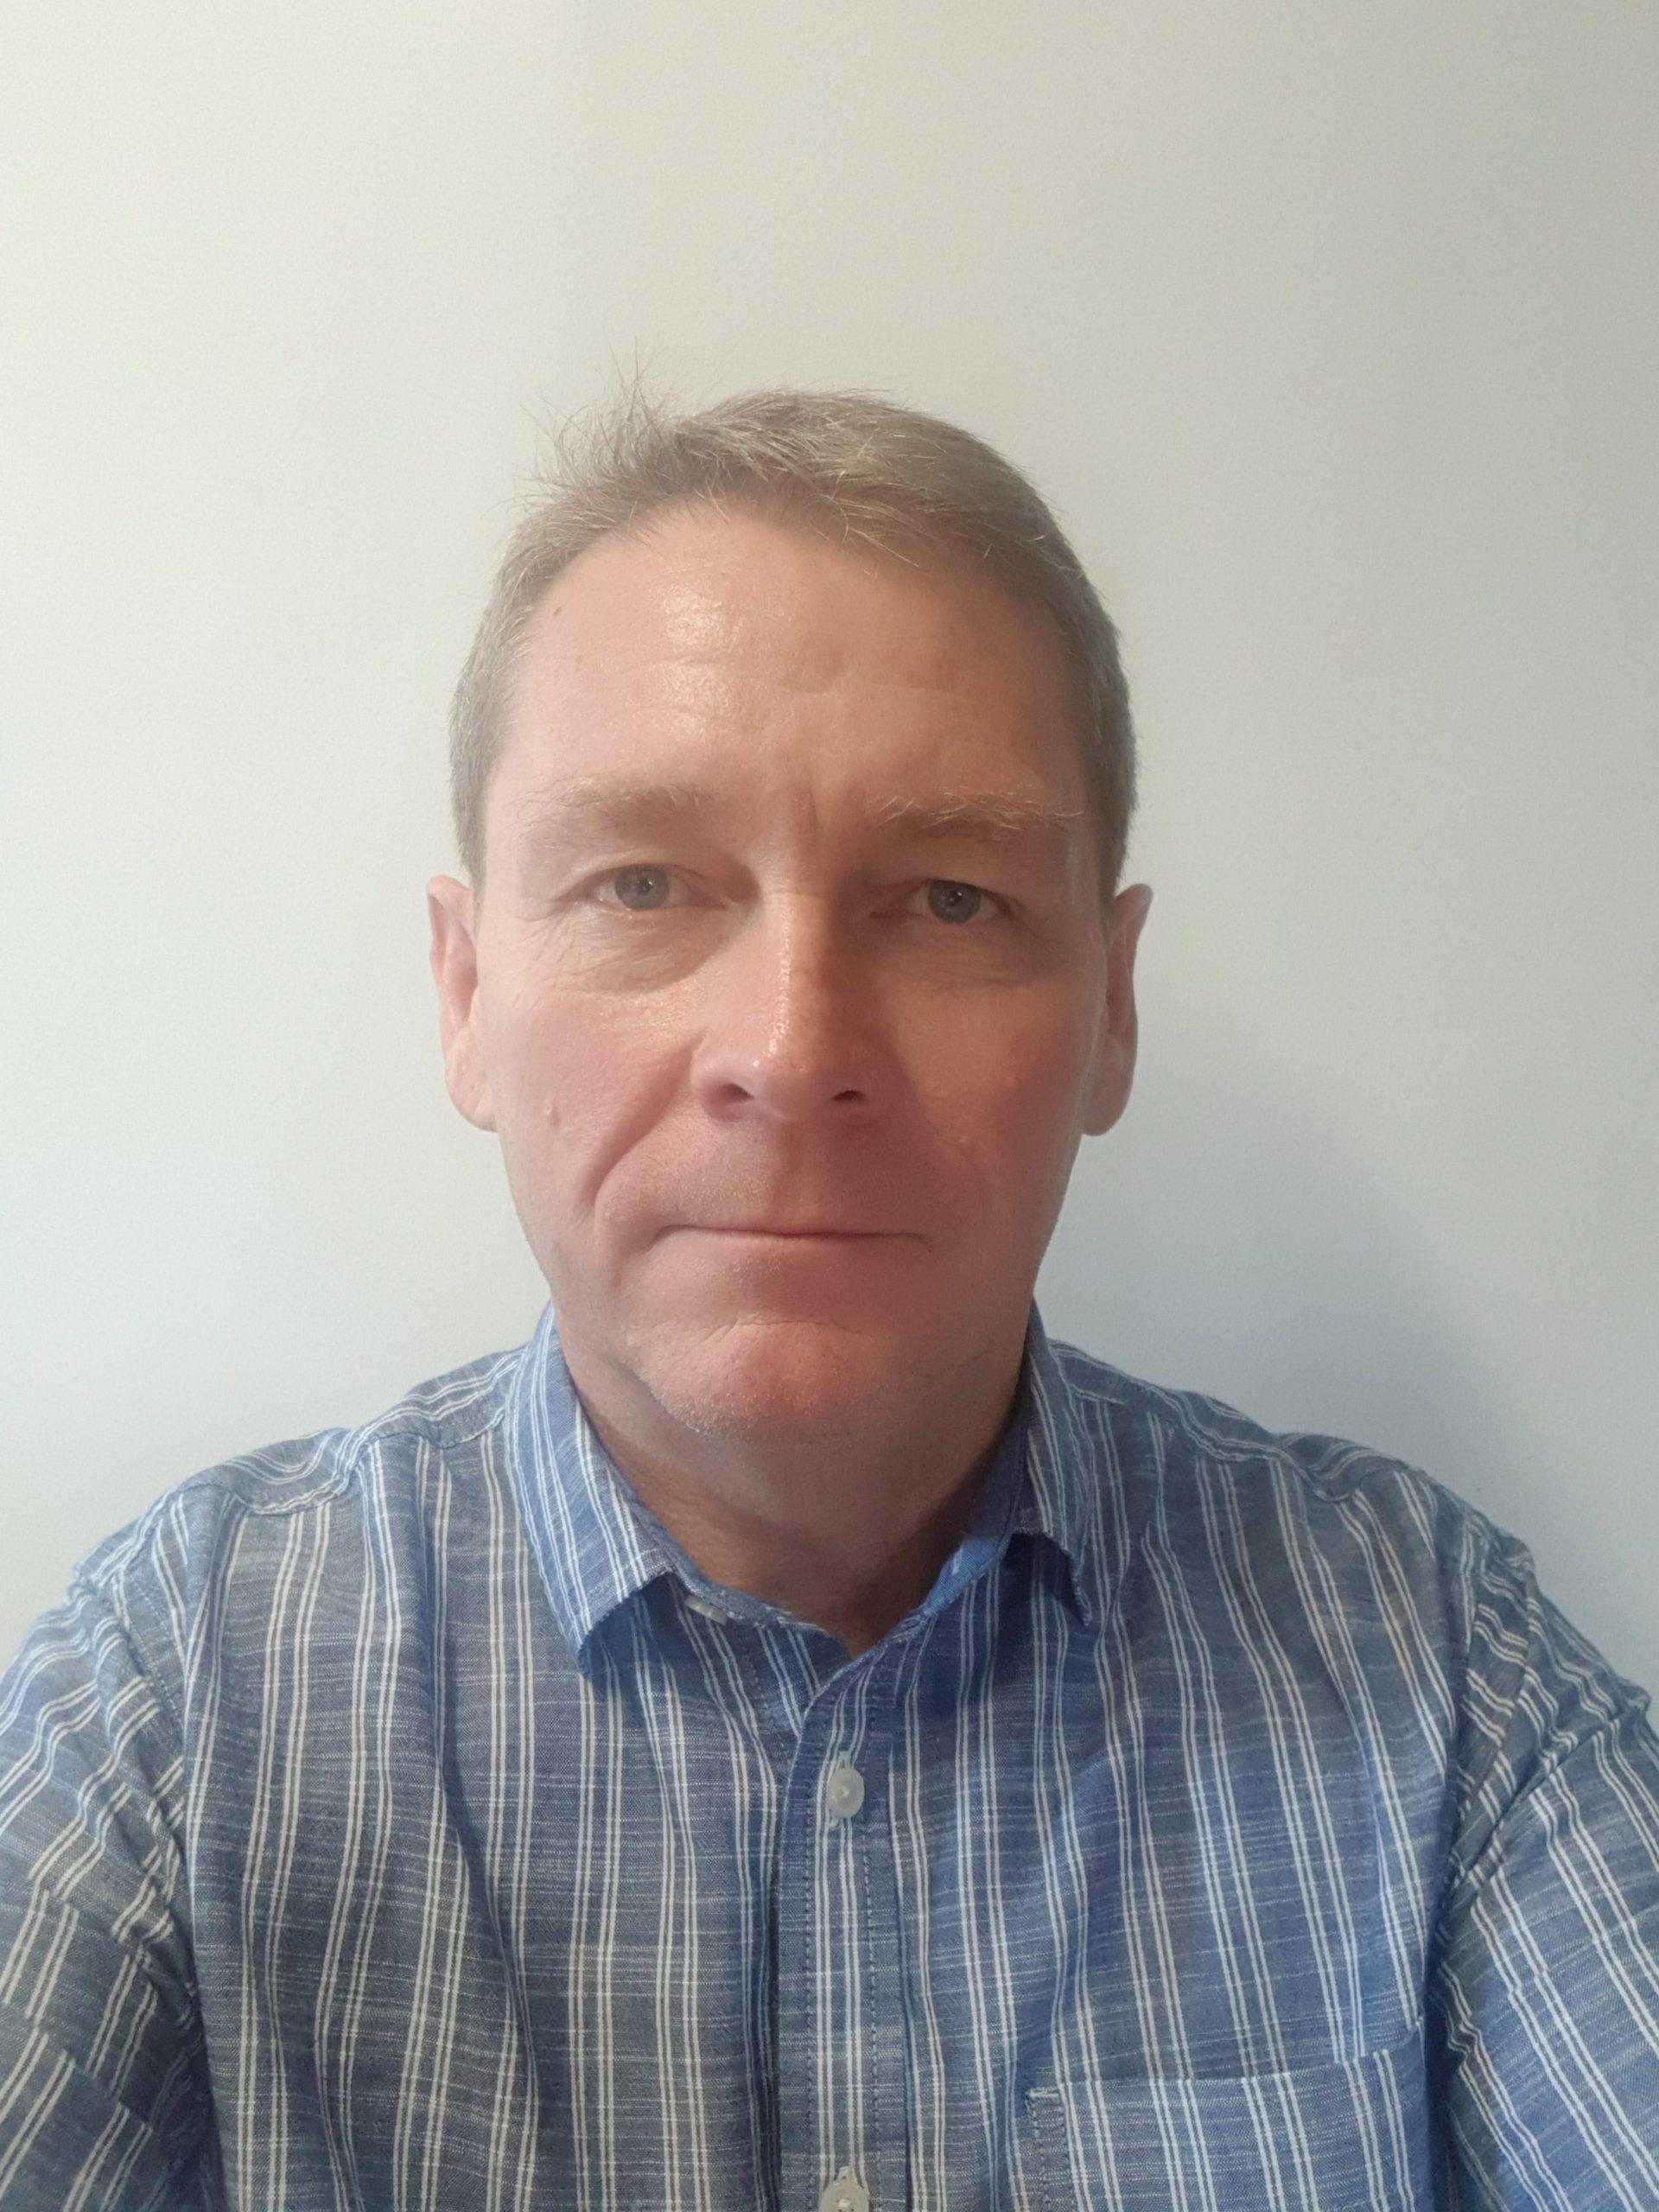 Philip Hiscock